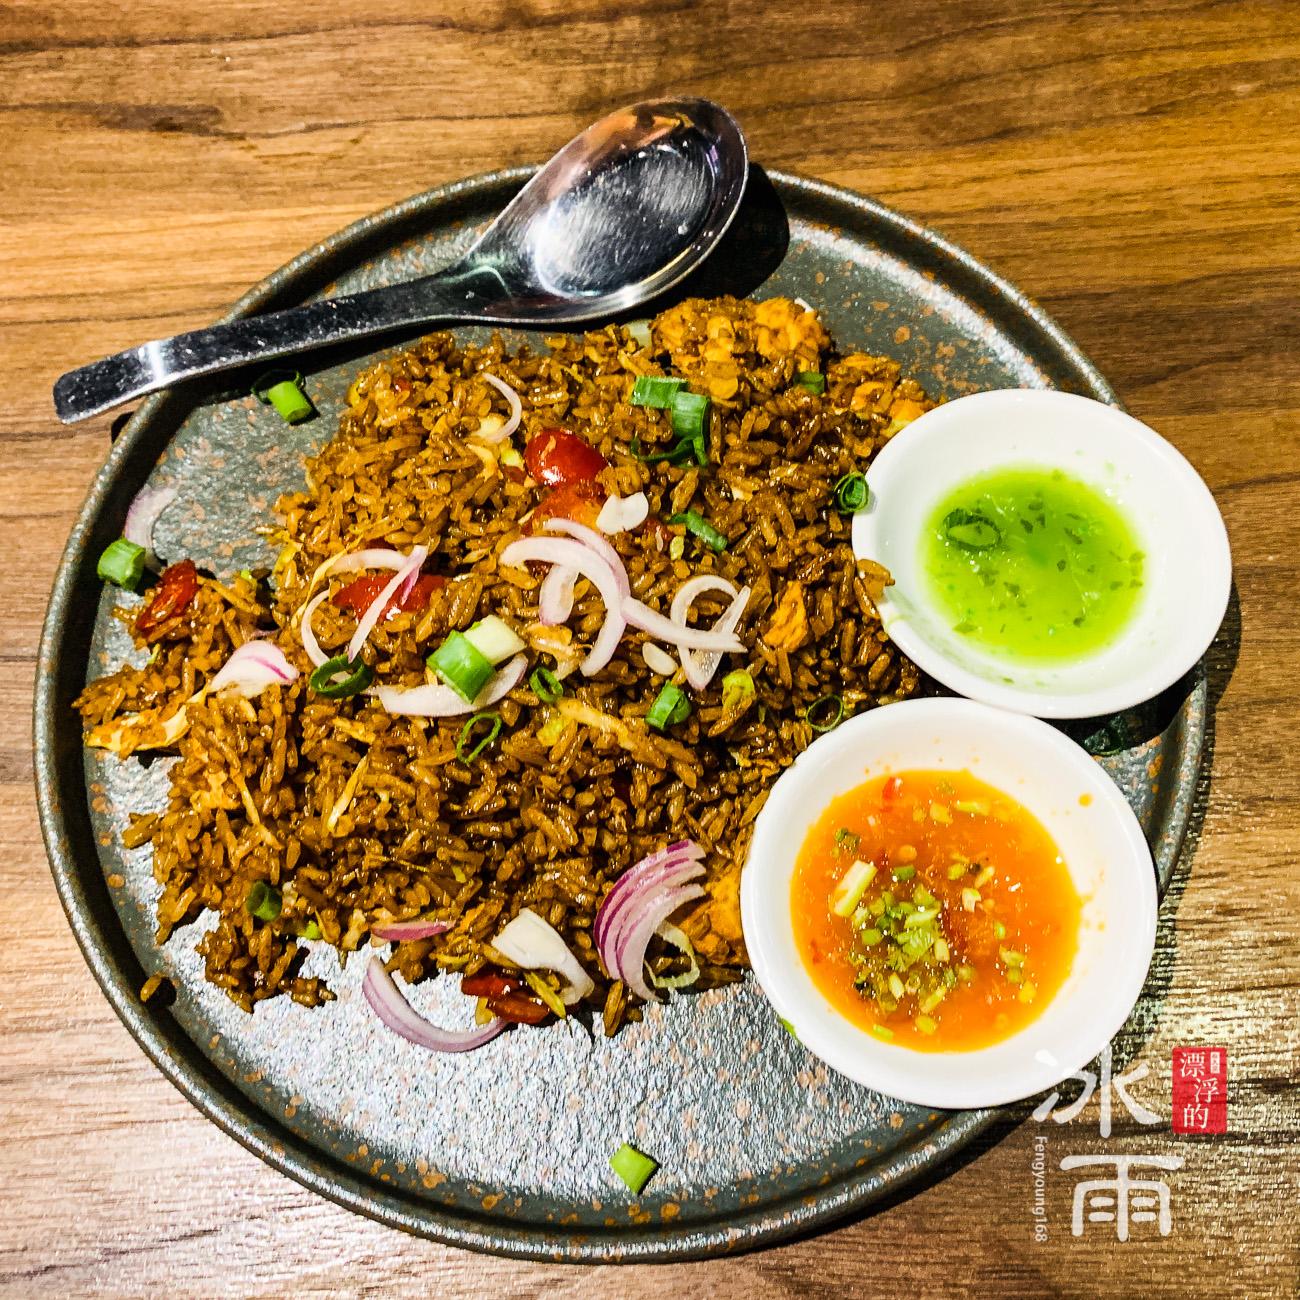 看起來黑黑的泰式炒飯,一定要用泰國米,不過這家好像是用台灣米